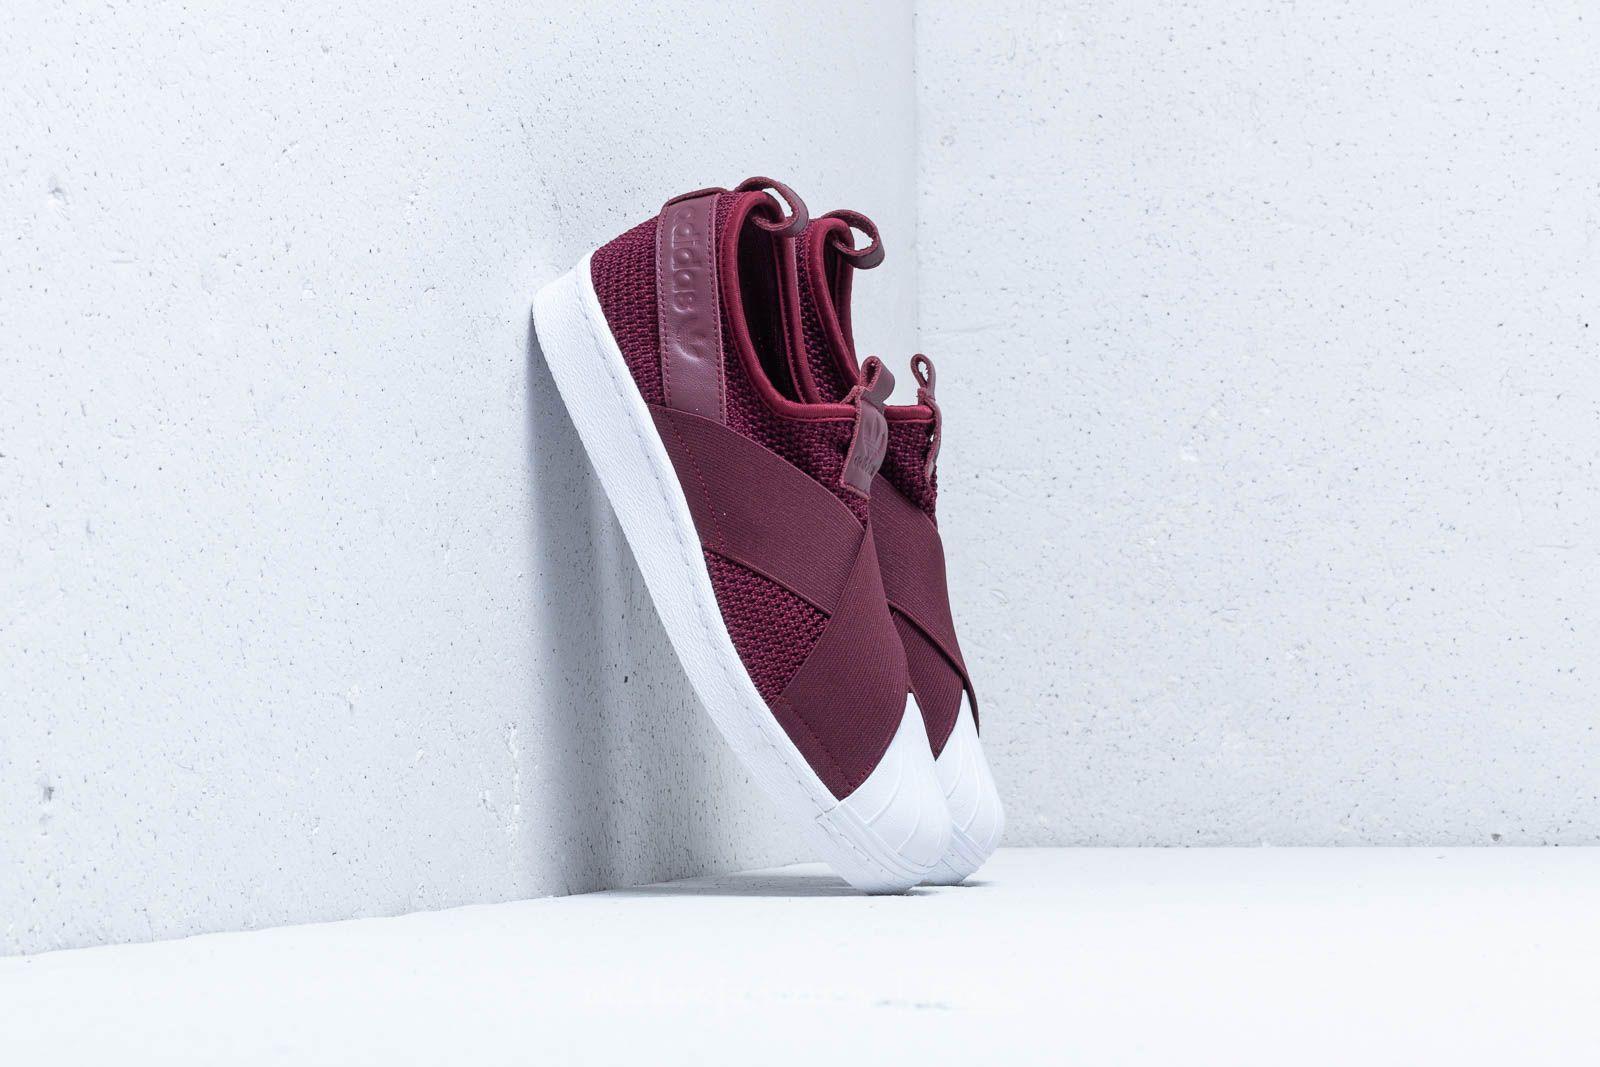 Adidas Superstar Slip On W Red Night Red Night Ftw White Footshop